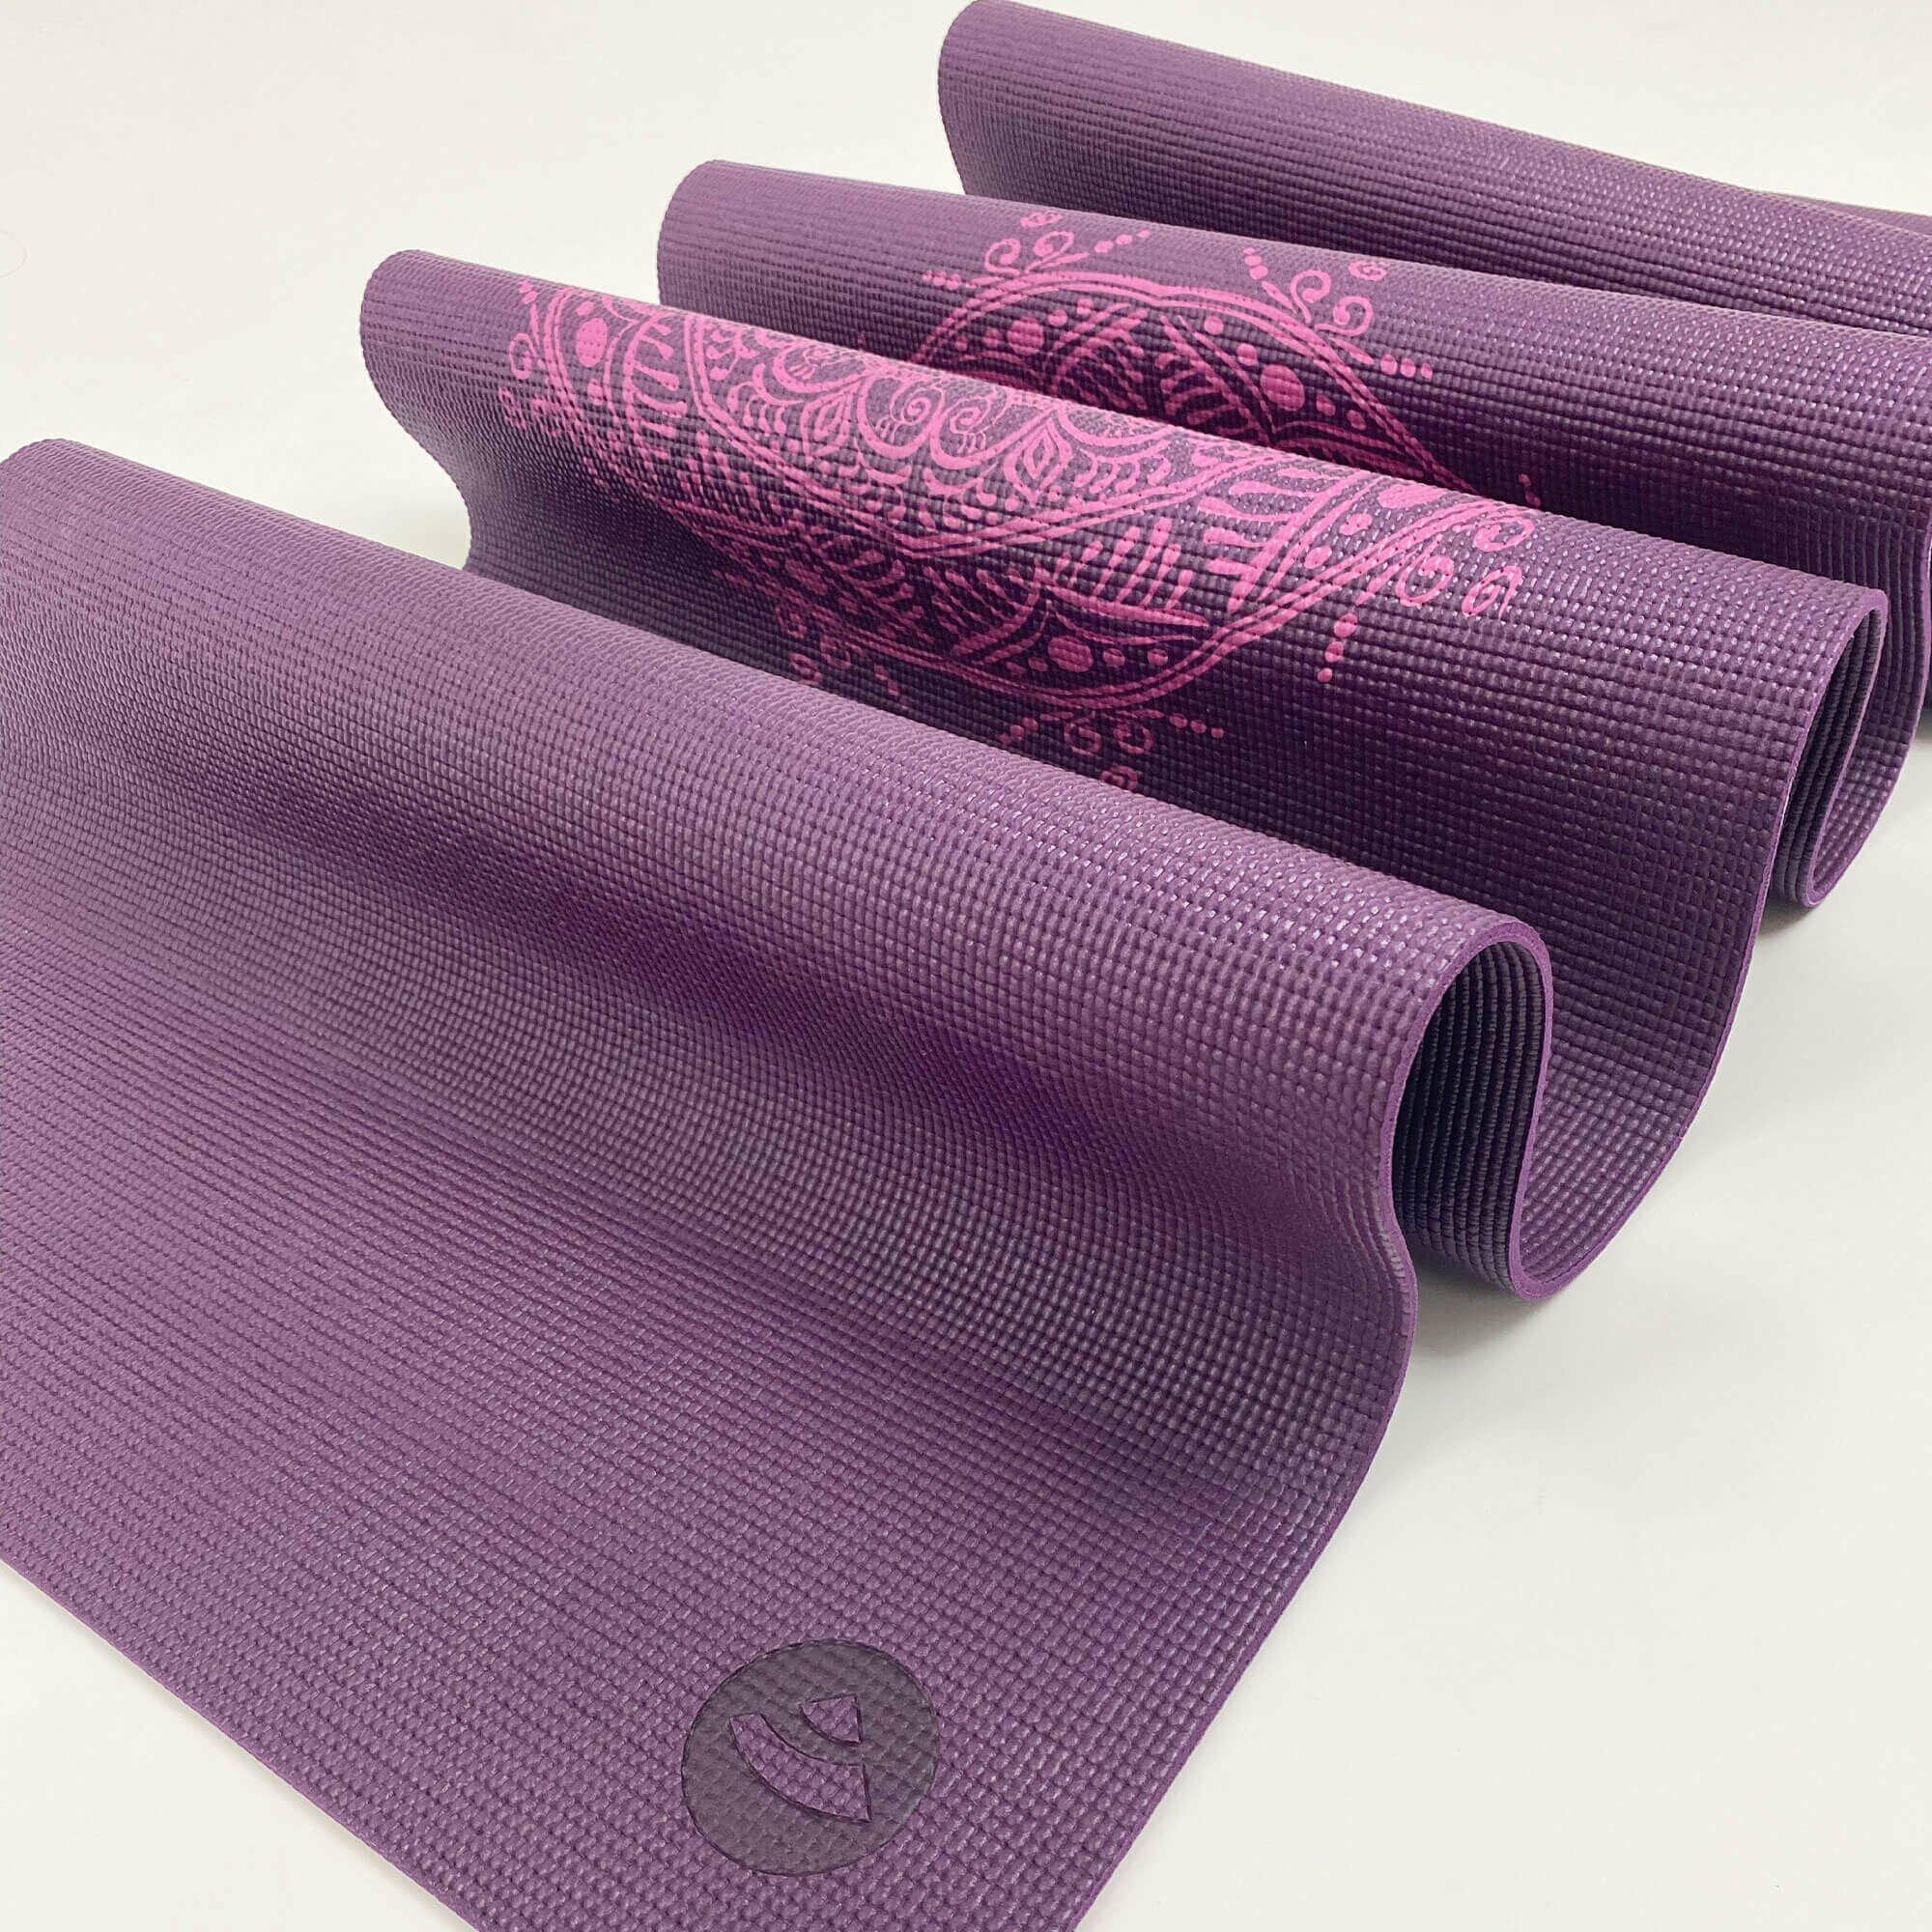 tapete-yoga-leela-mandala-yogateria-ameixa-5